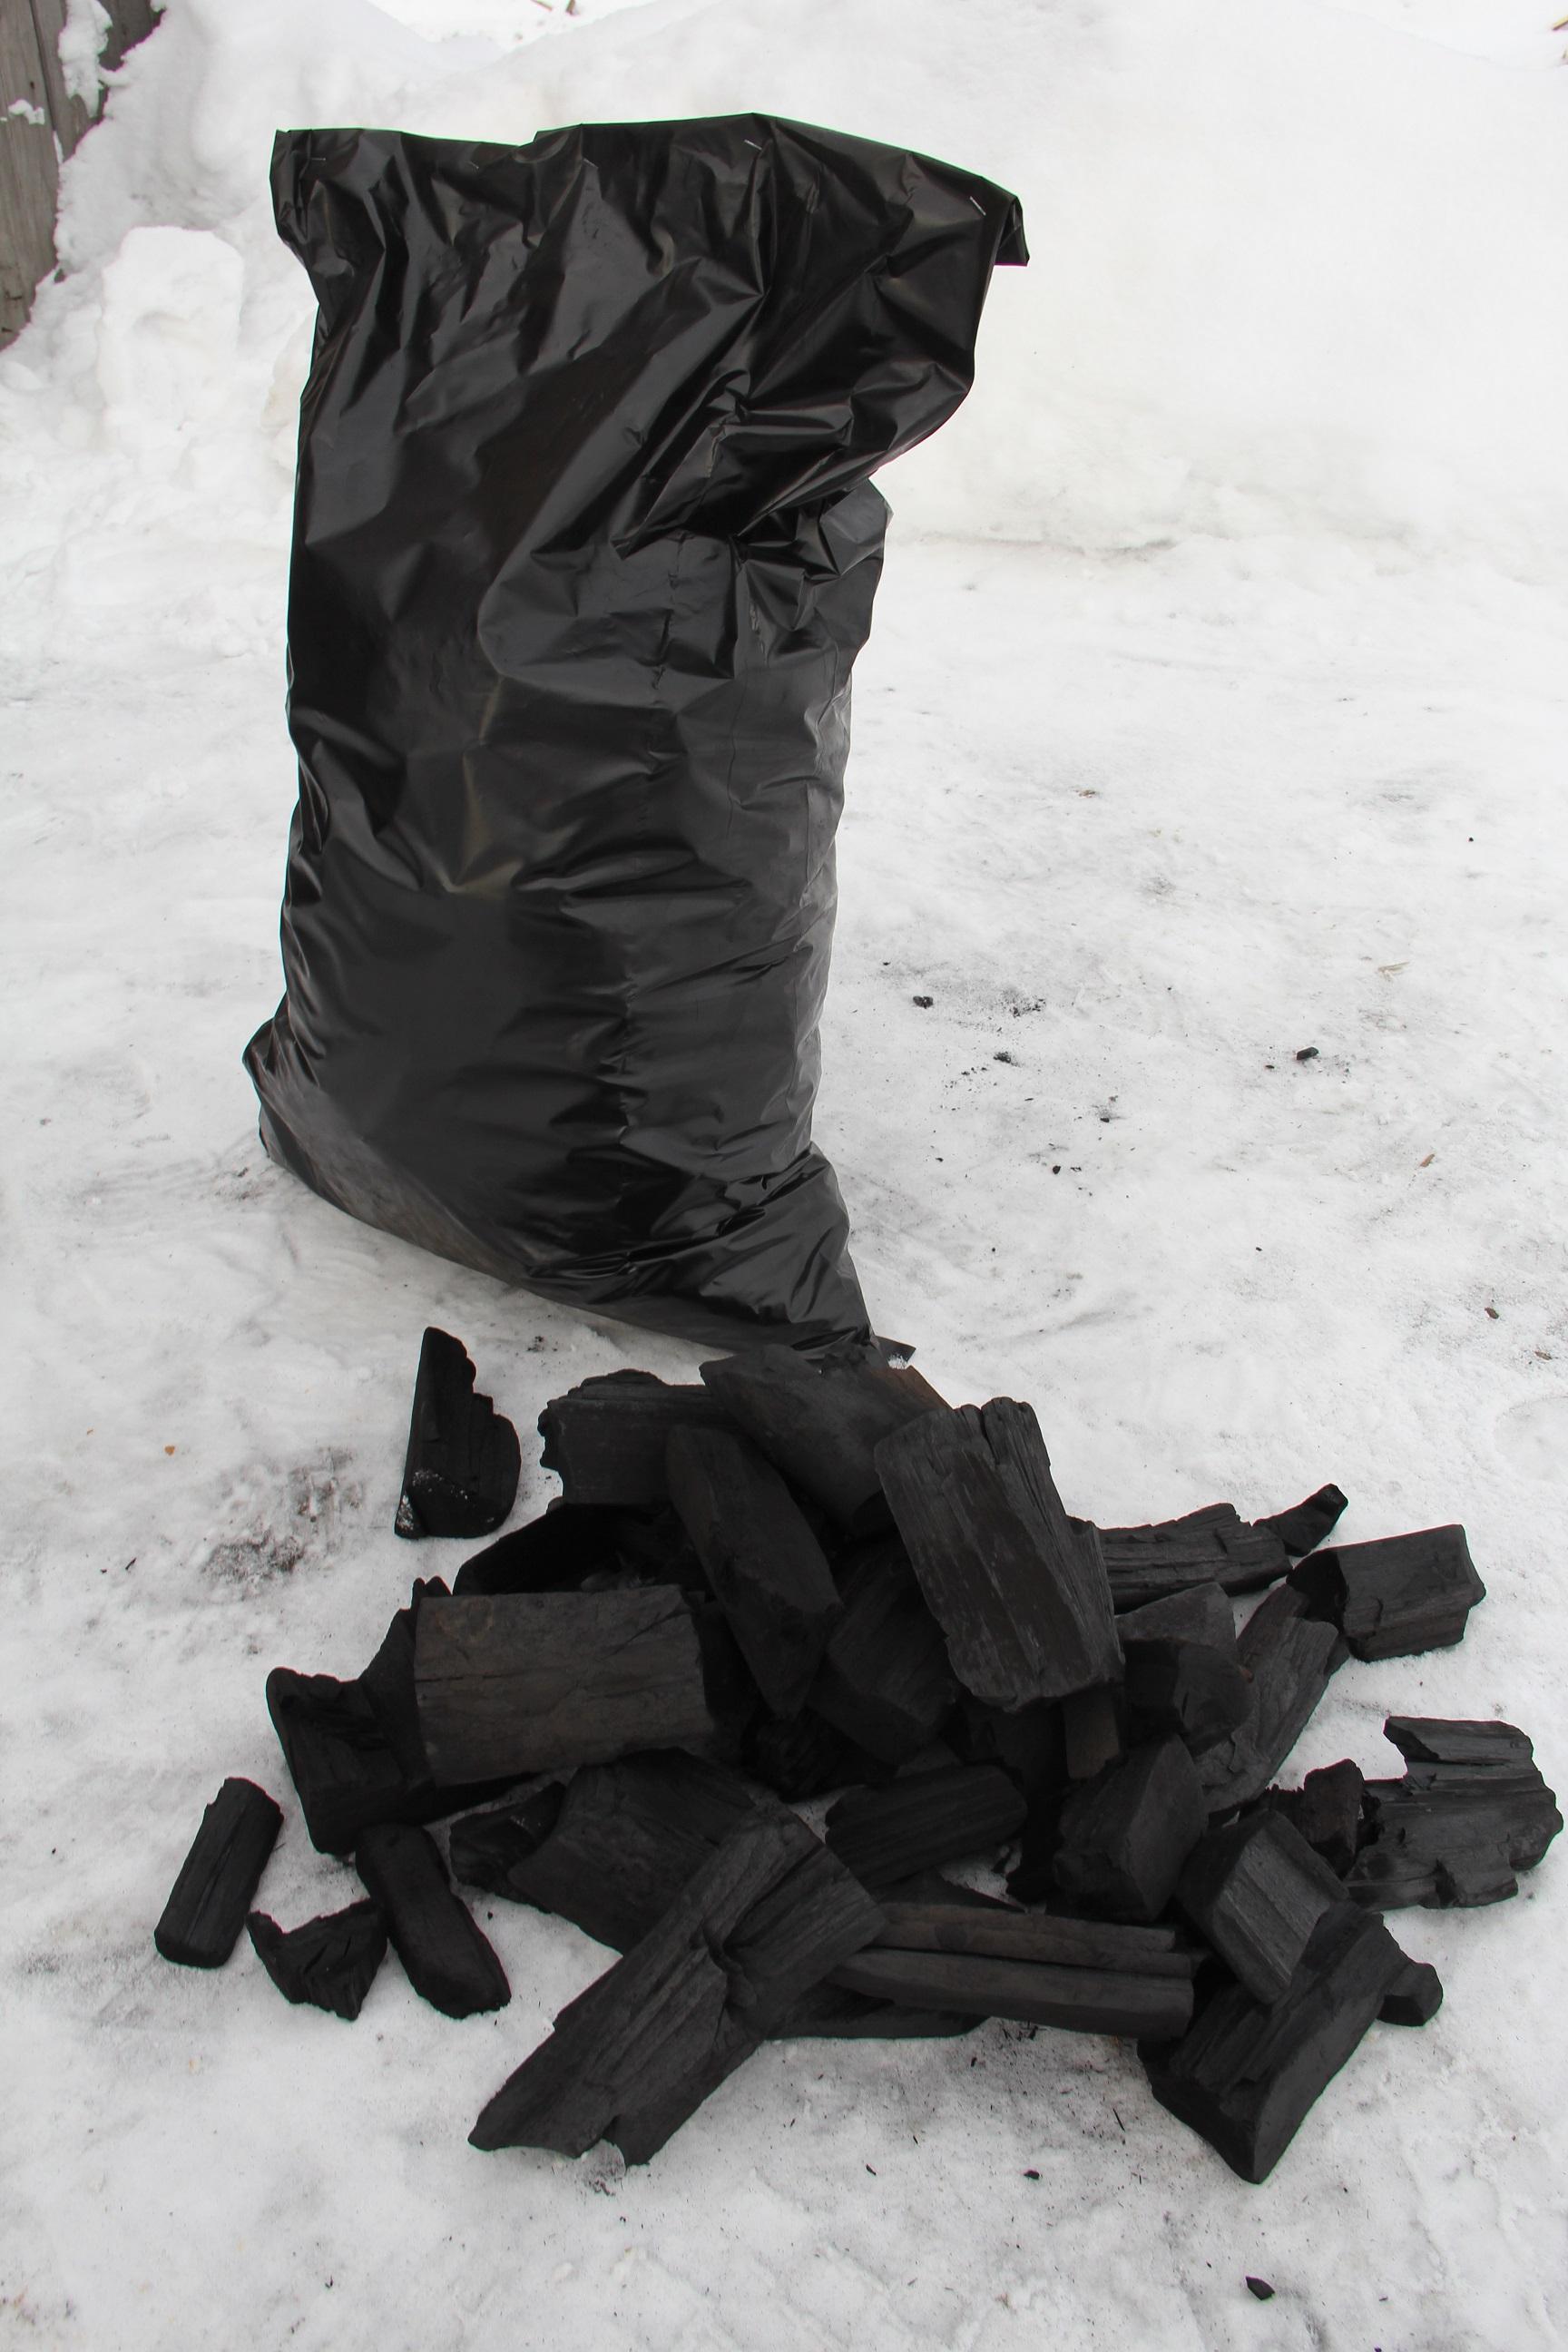 2.-Poka-v-IK-1-proizvodyat-okolo-5-tonn-uglya-v-mesyaz-kotoryi-fasuetsya-v-meschki-po-10-kg.JPG